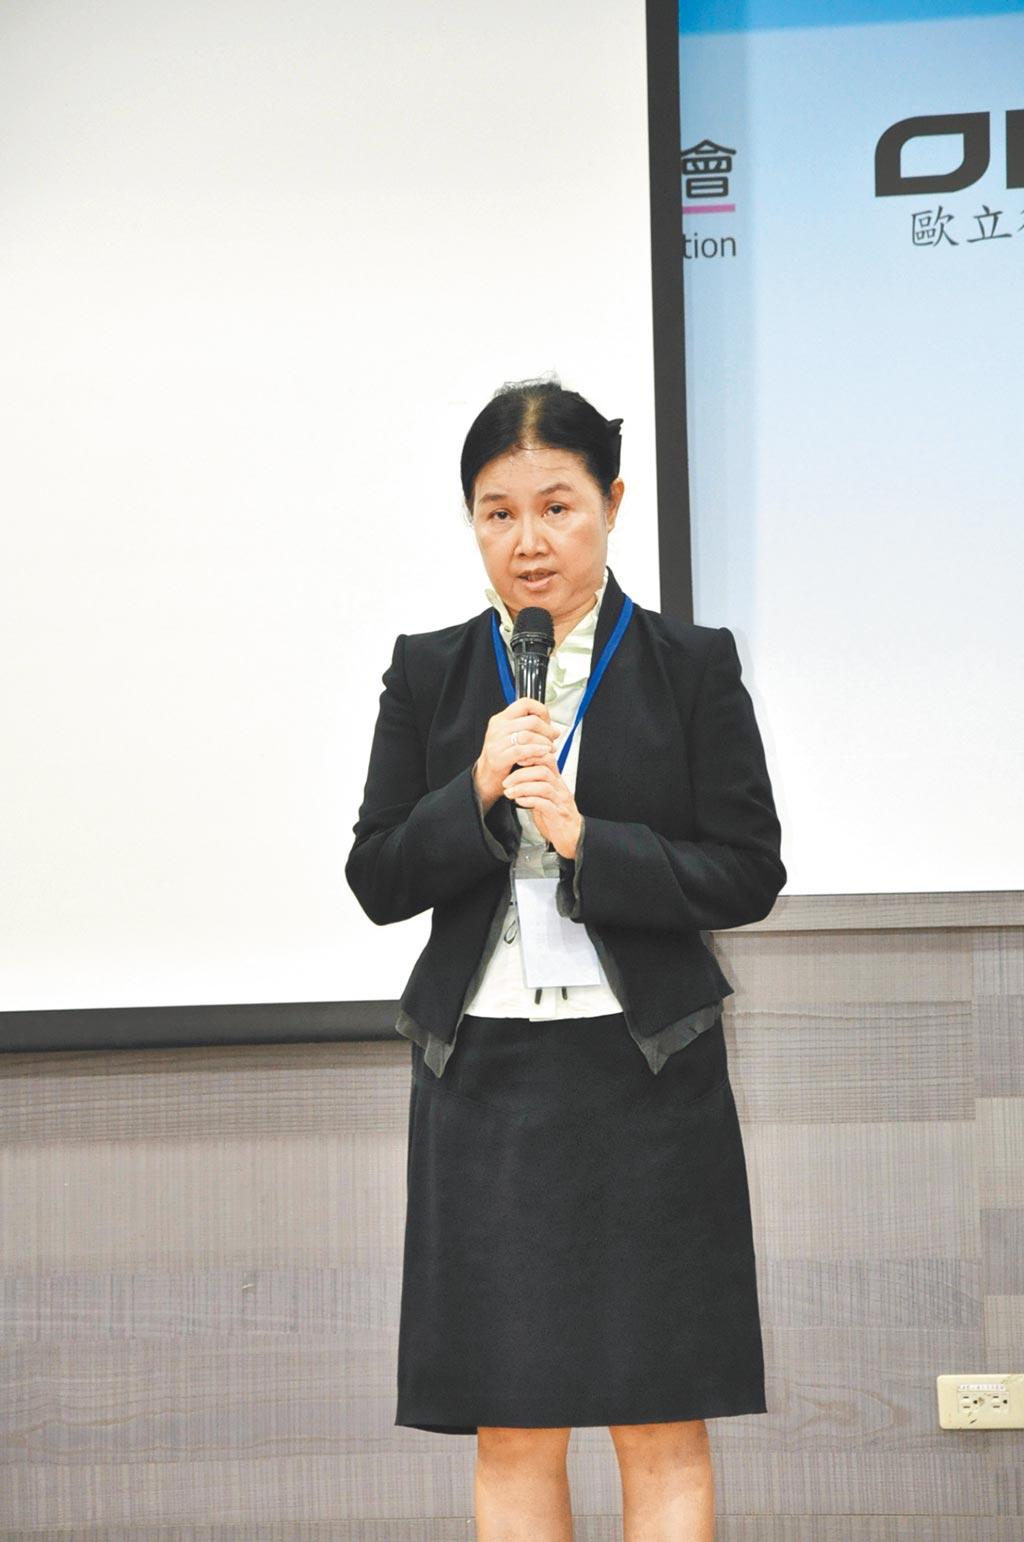 台灣生態危害健康管理學會理事長彭瓊芳。圖/台灣生態危害健康管理學會提供